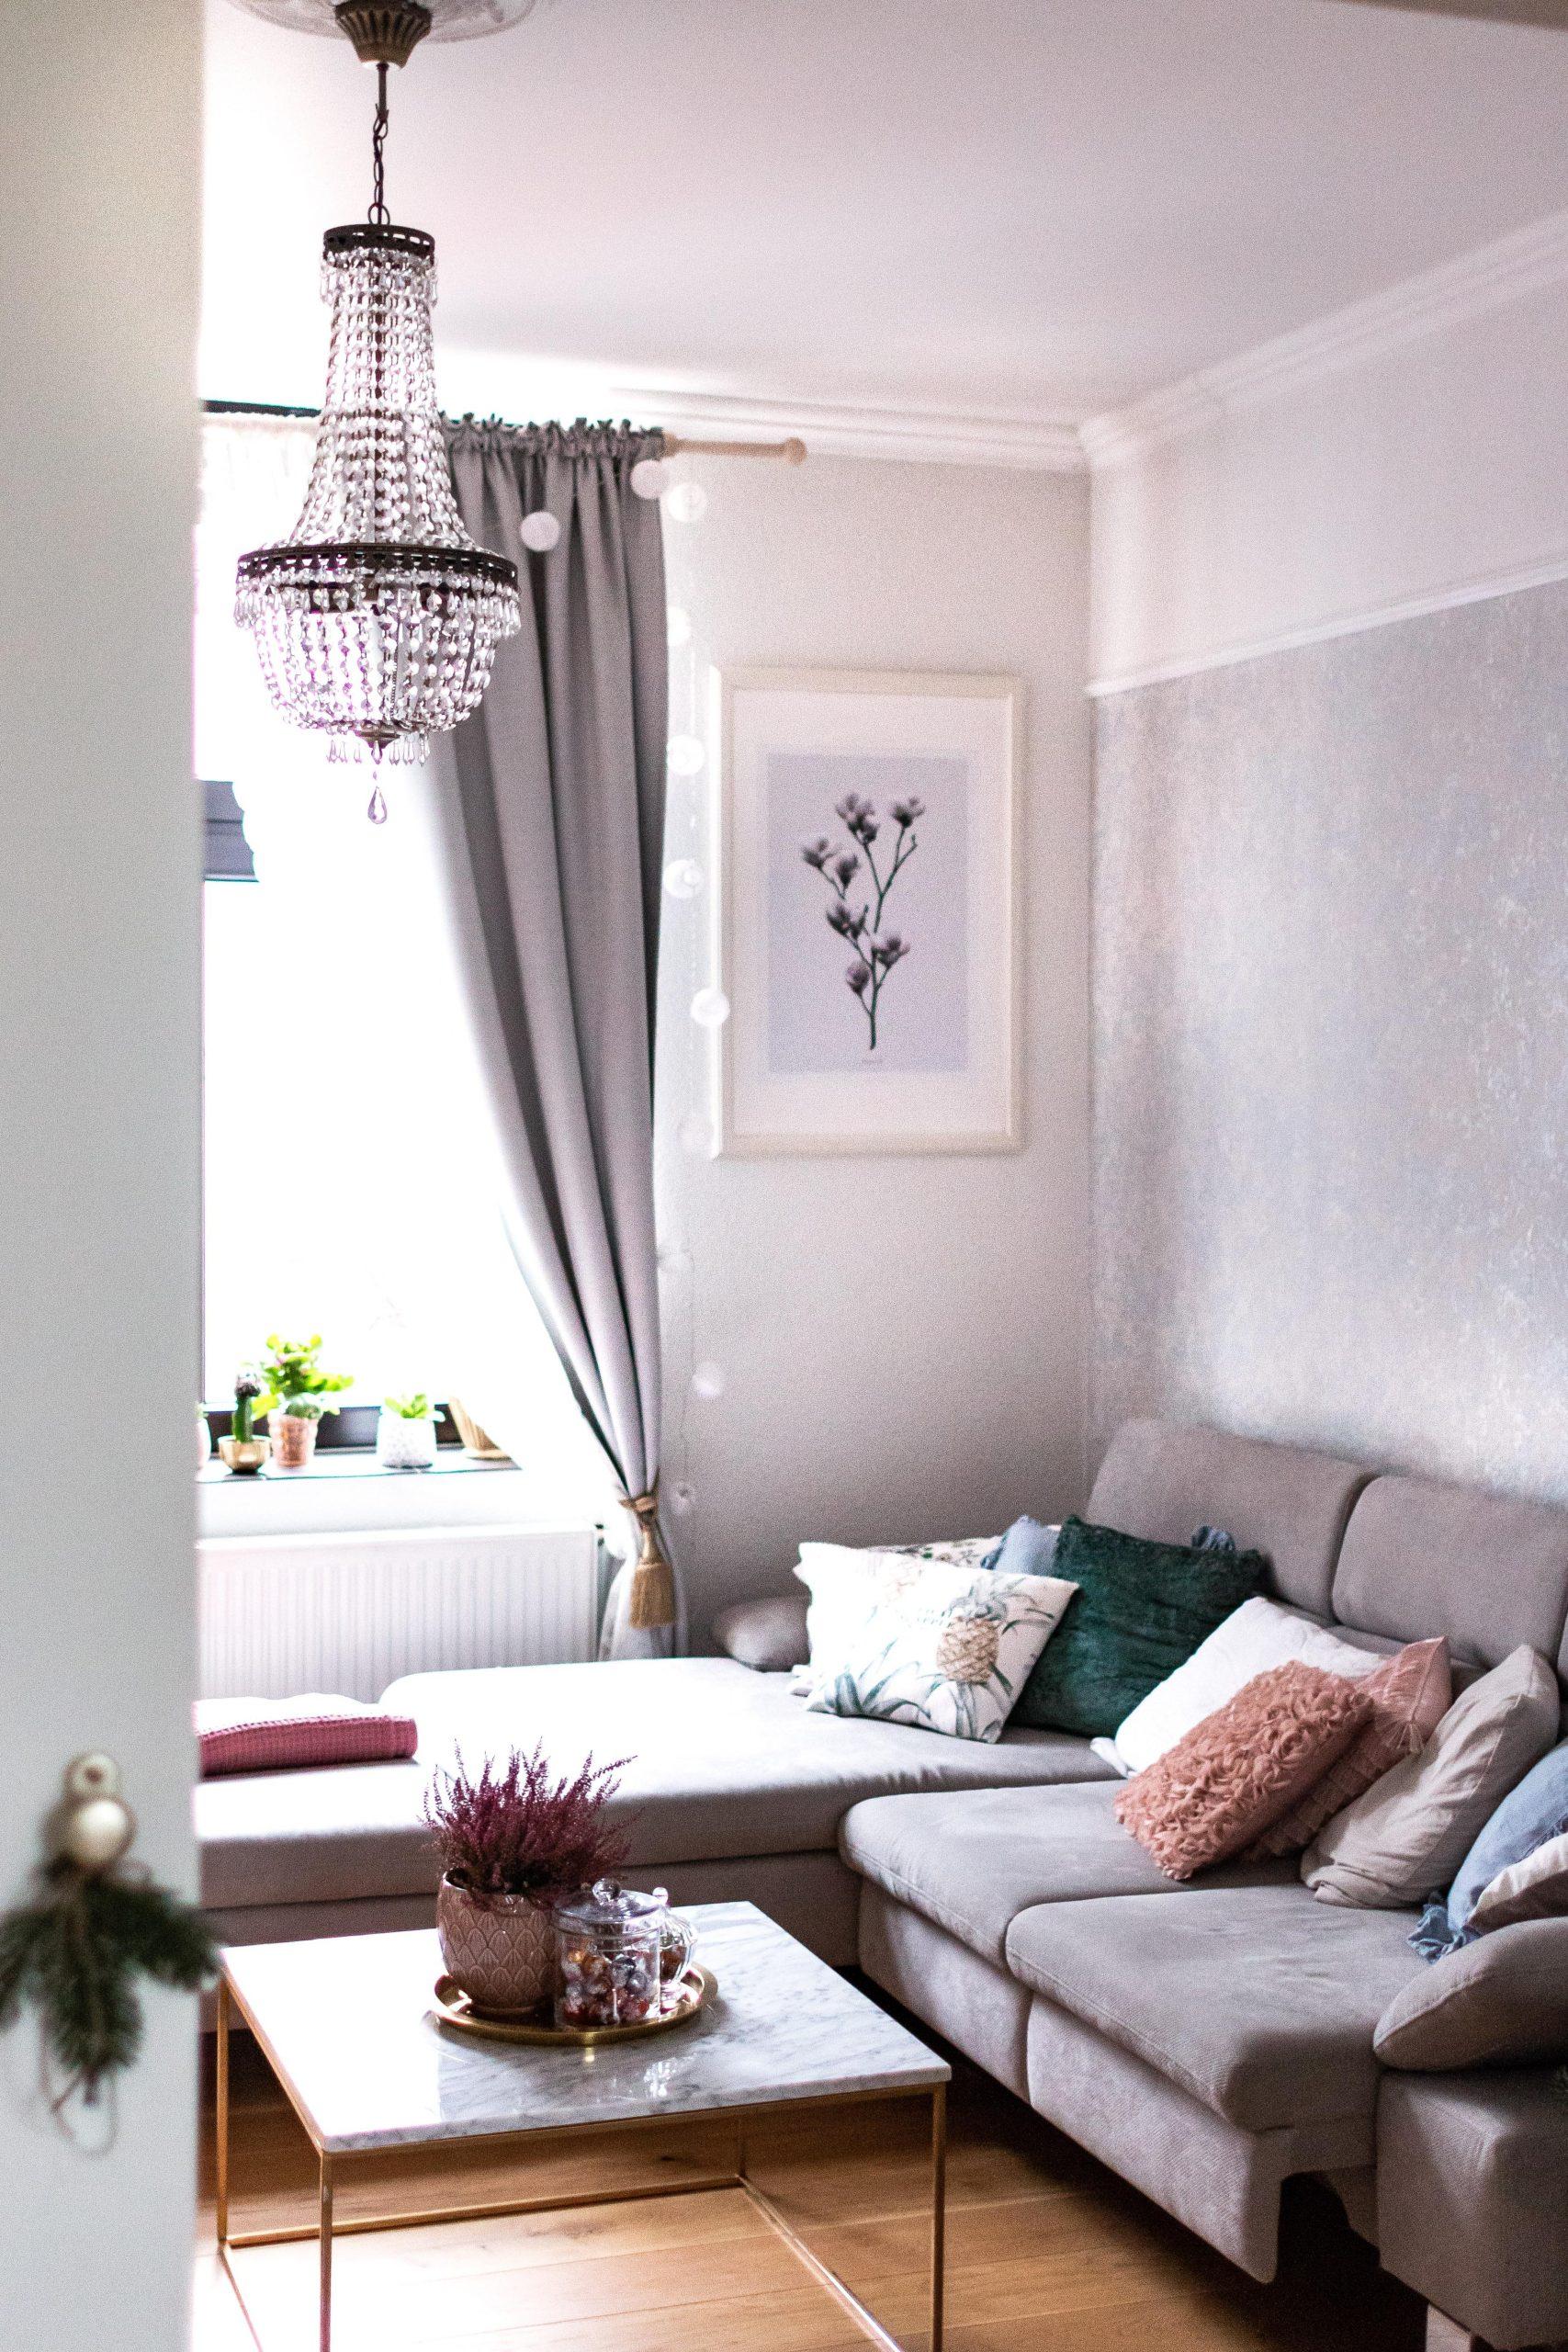 Full Size of Wohnzimmer Decken Gestalten Moderne Wohnzimmer Decken Wohnzimmer Decken Paneele Wohnzimmer Decken Beispiel Wohnzimmer Wohnzimmer Decken